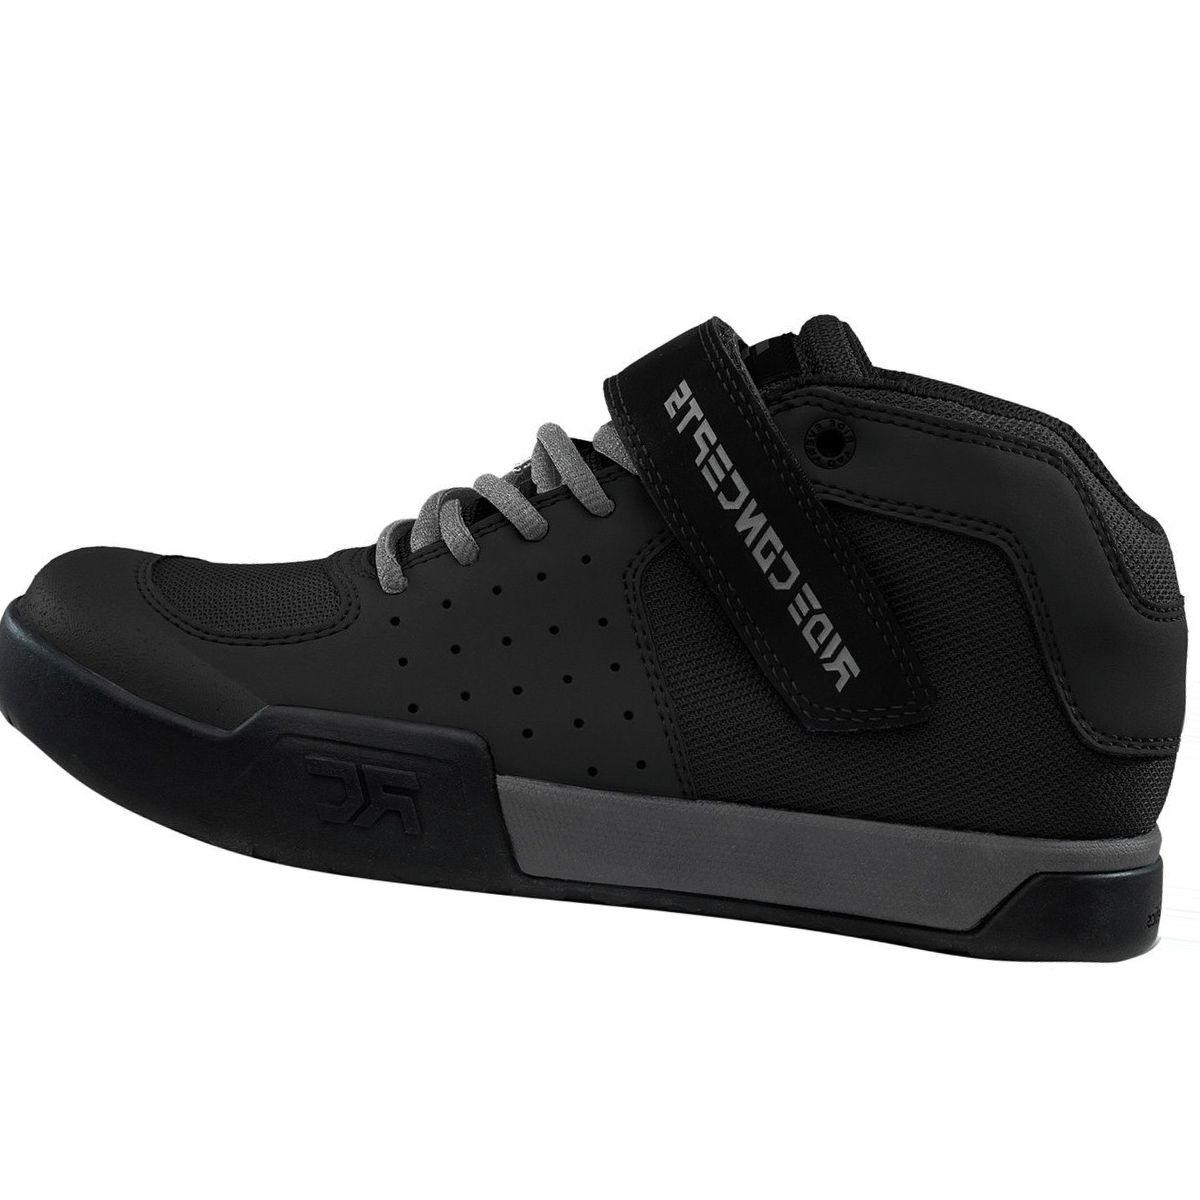 Ride Concepts Wildcat Shoe - Men's